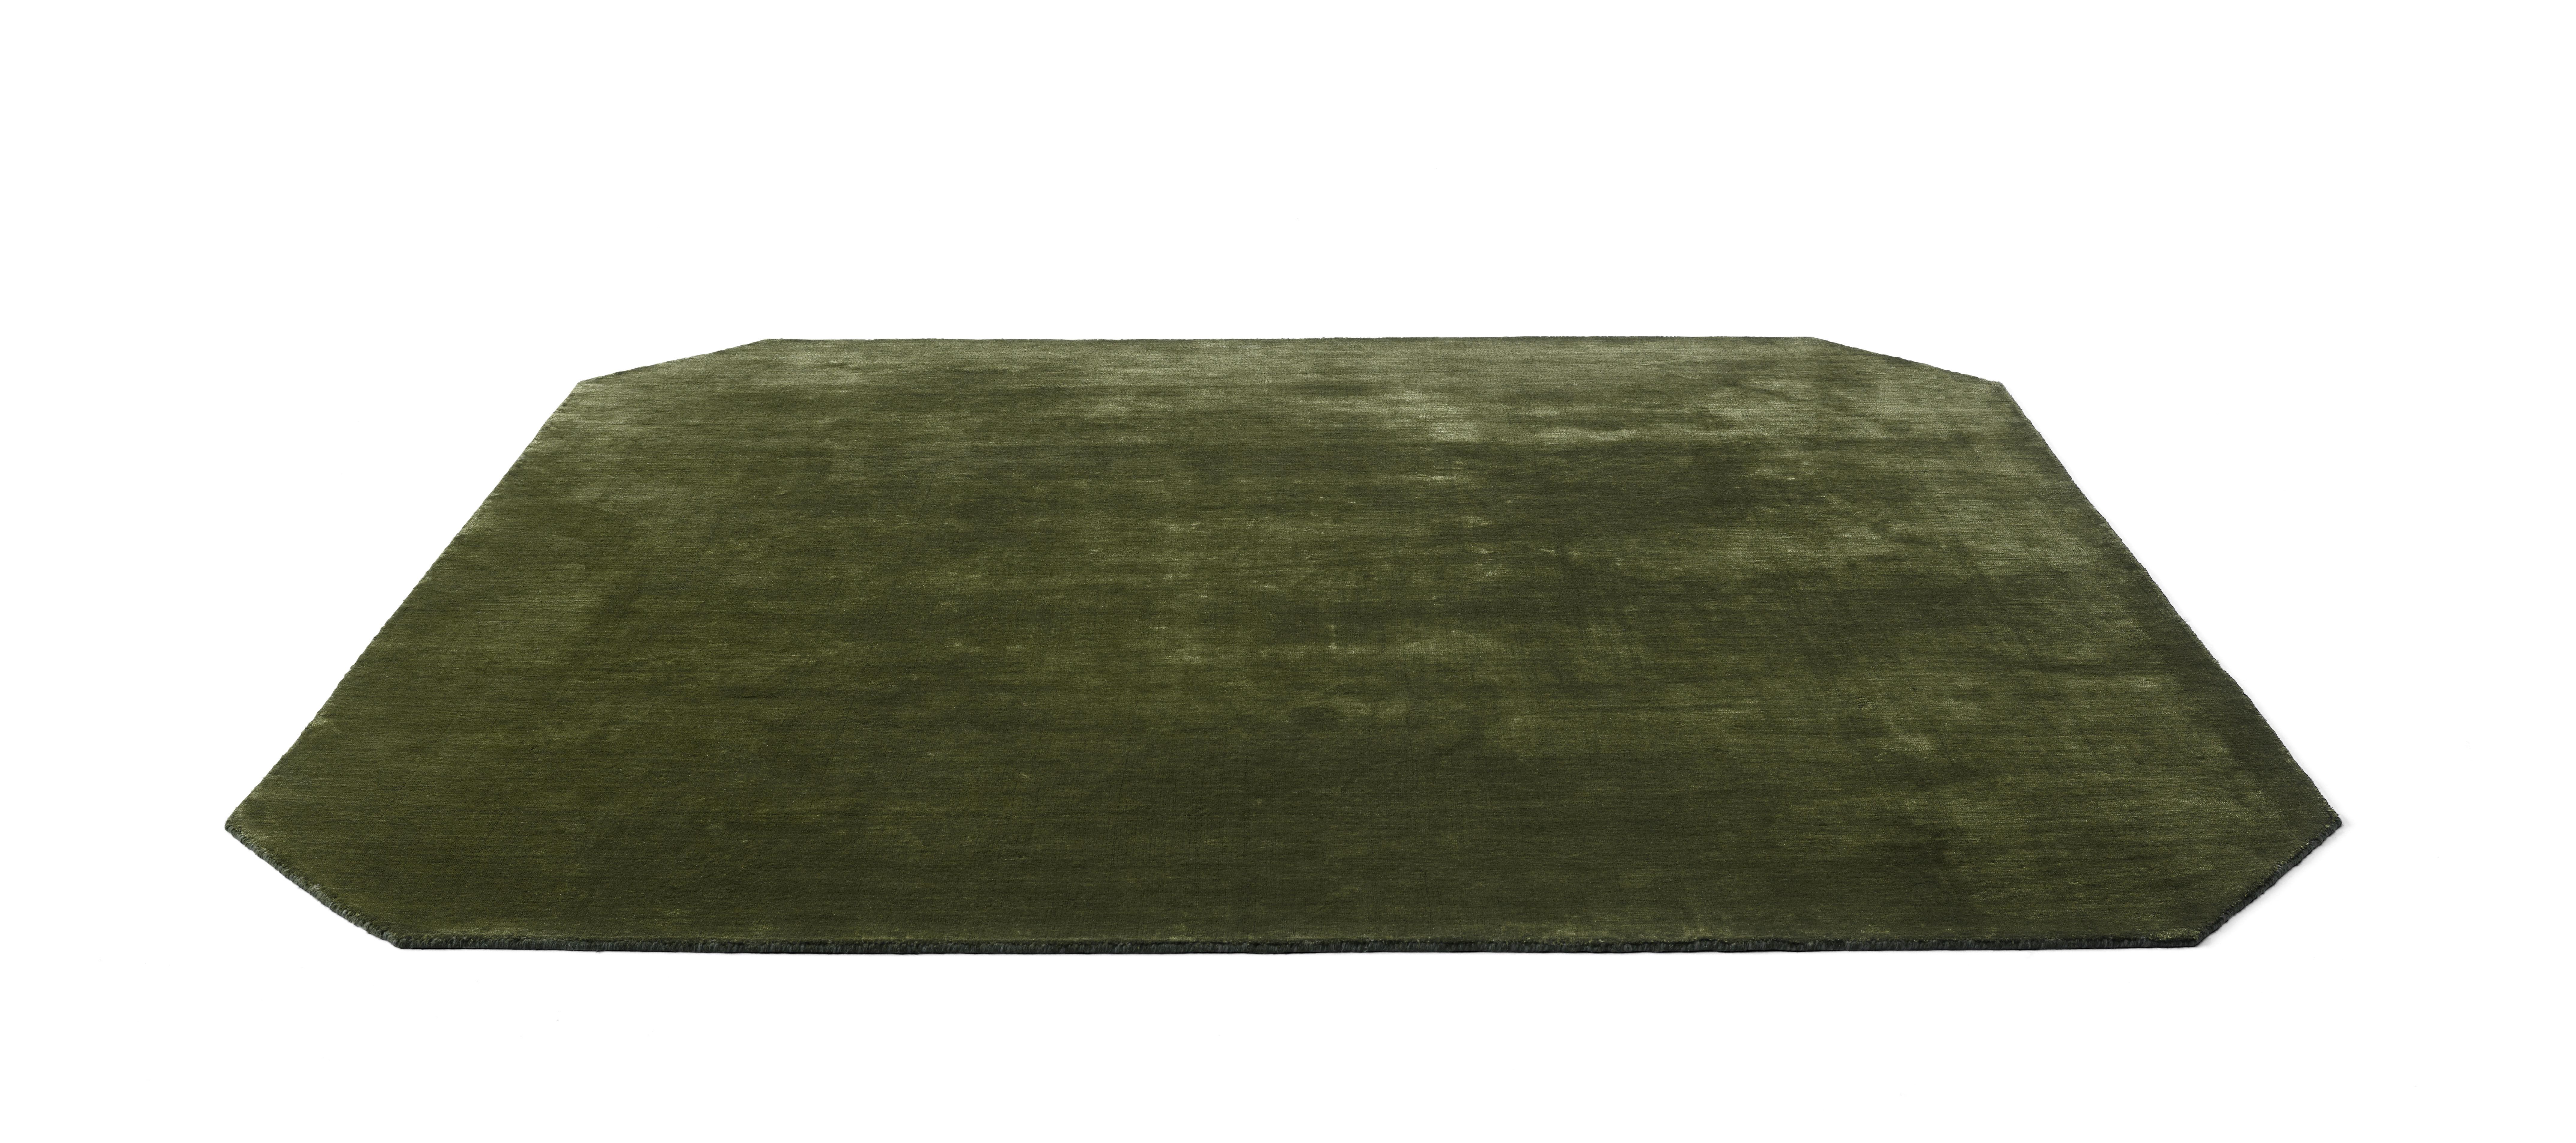 Déco - Tapis - Tapis The Moor AP6 / 240 x 240 cm - Velours - &tradition - Vert - Laine, Viscose